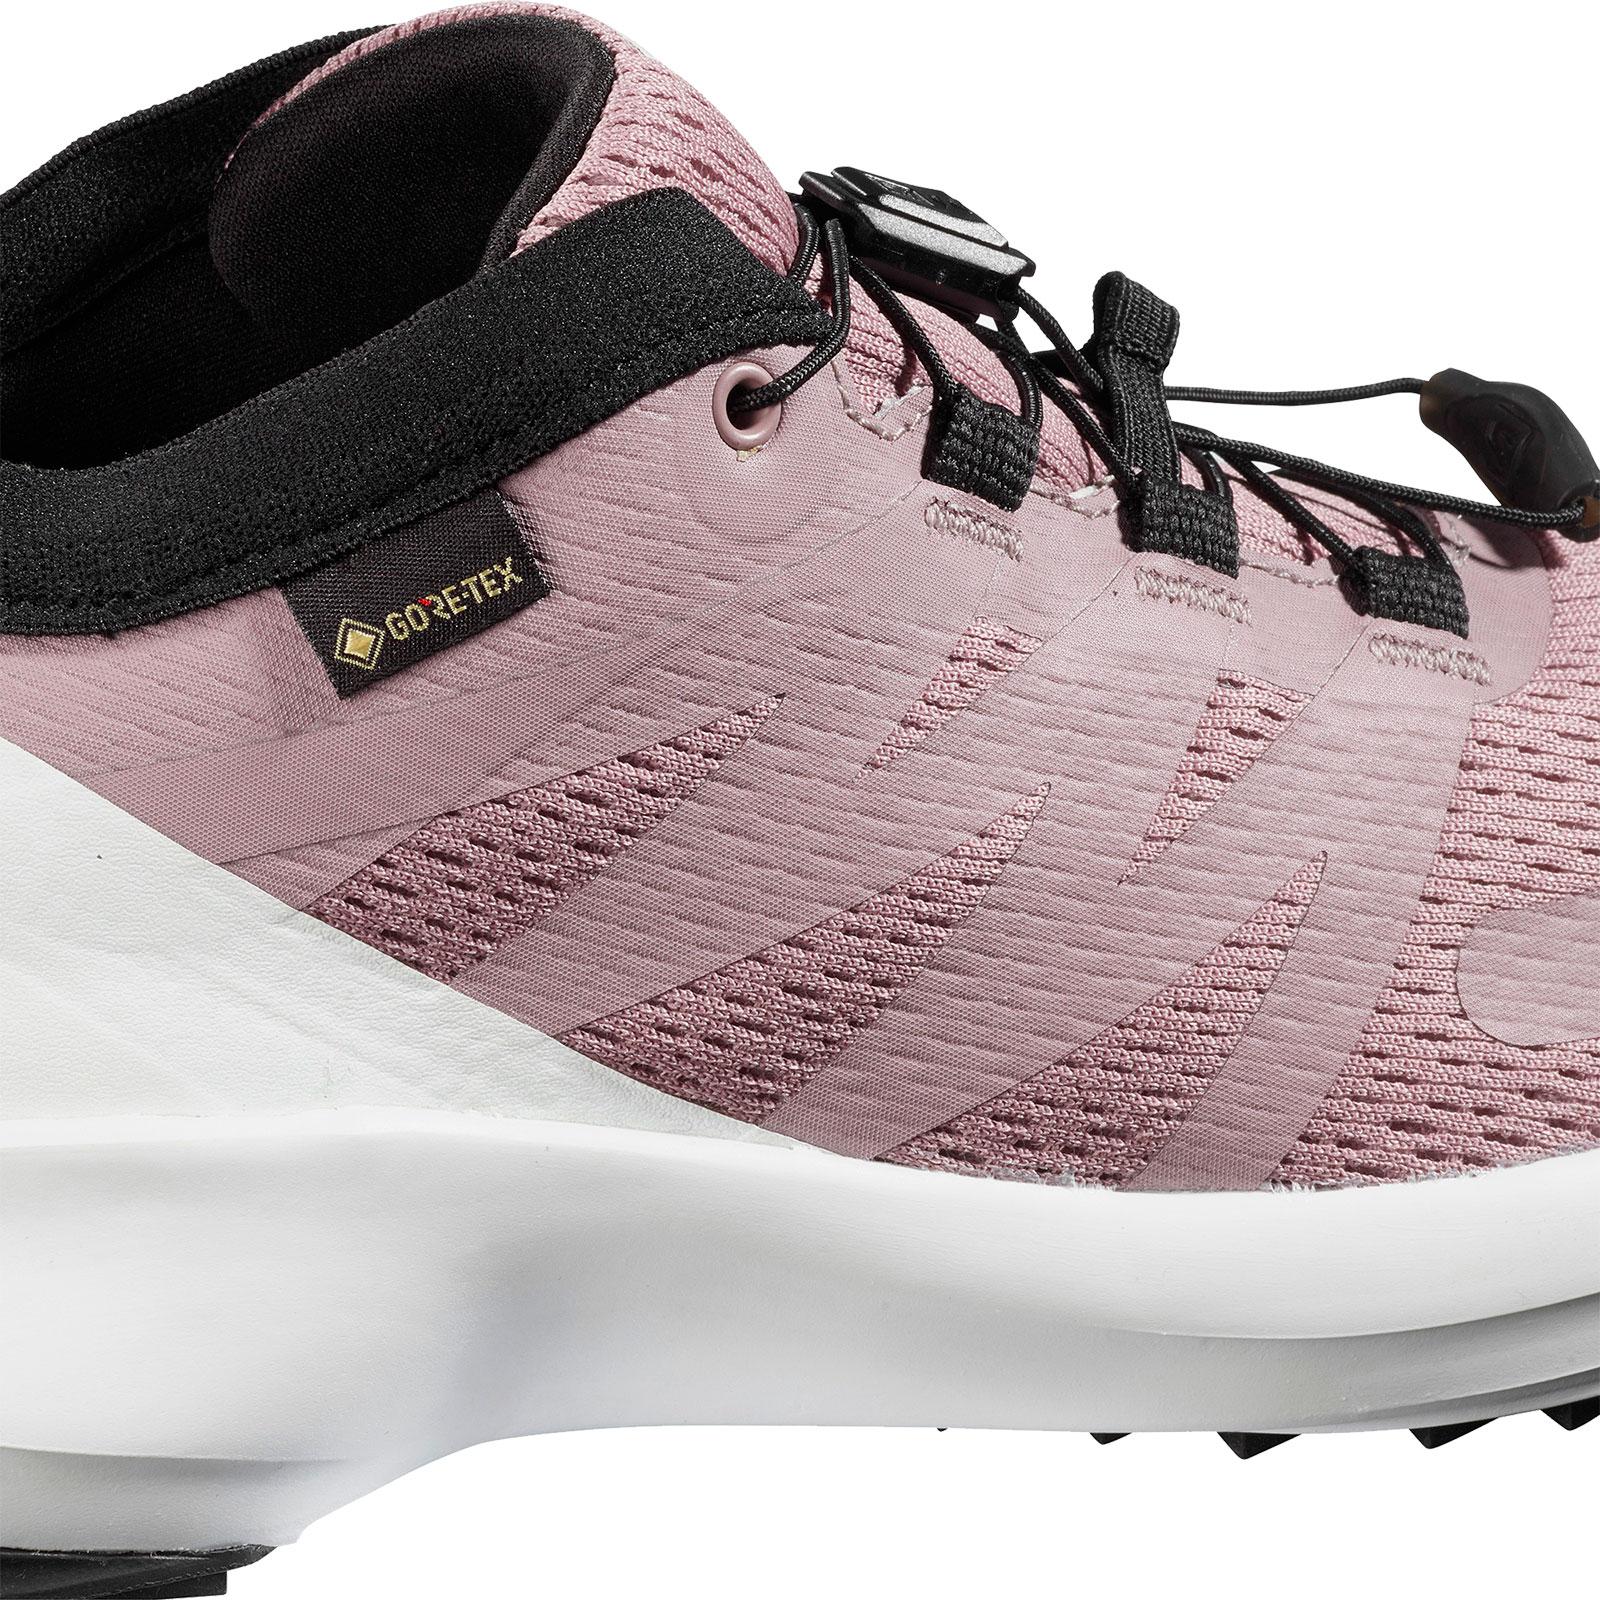 zapatillas salomon blanca de hombre rosa